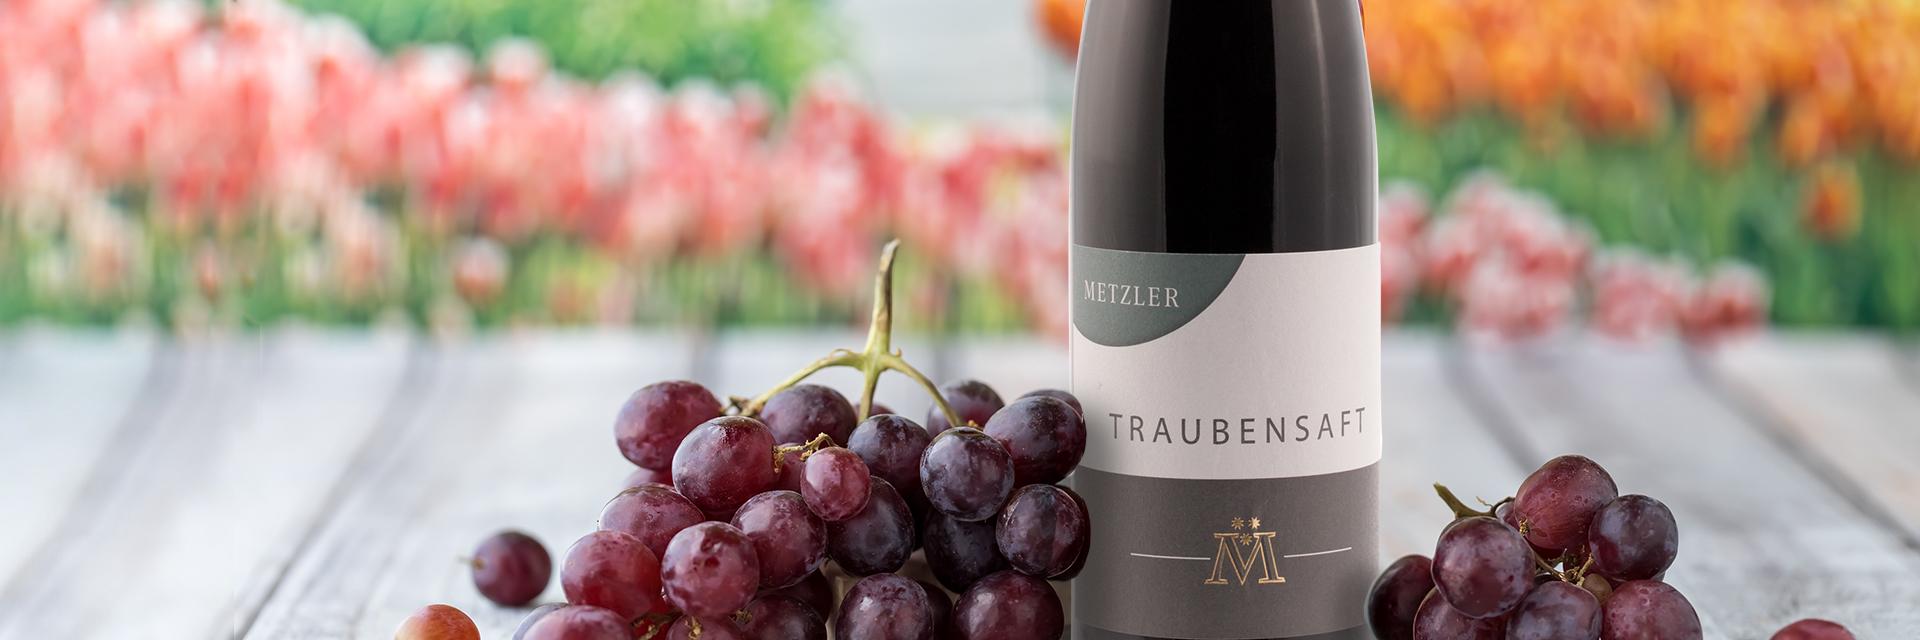 Alkoholfreie Getränke vom Weingut Metzler